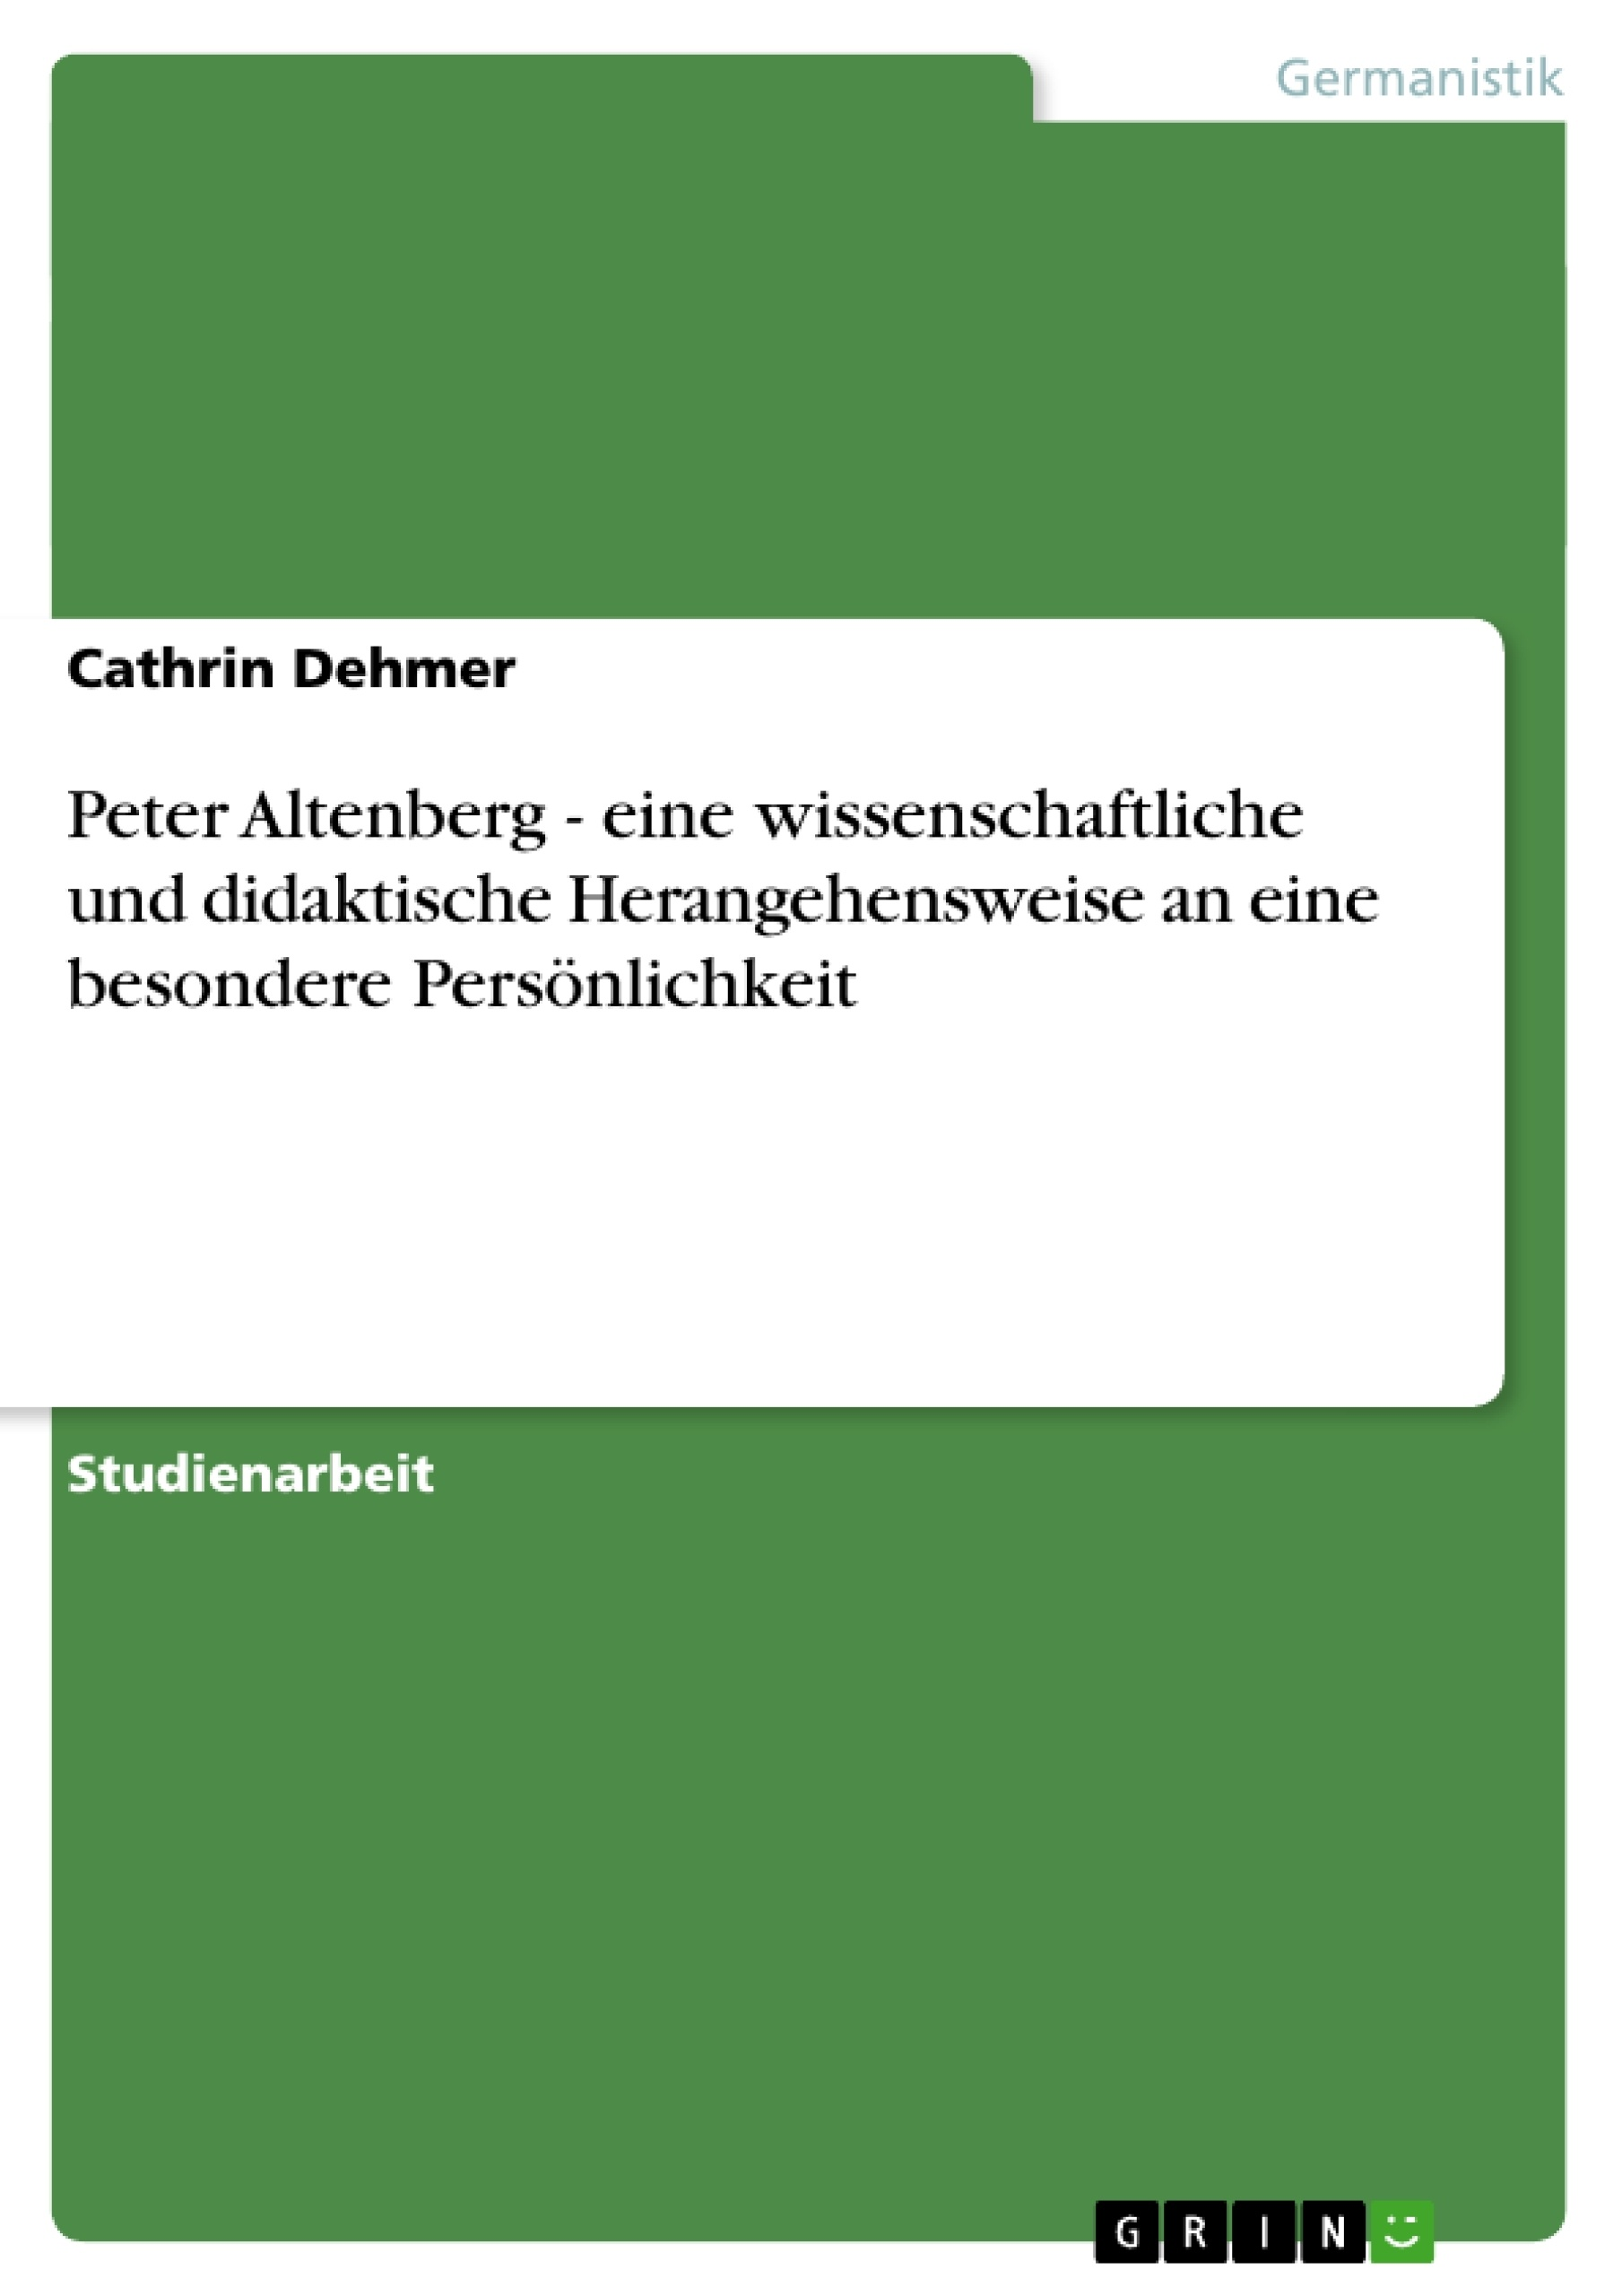 Titel: Peter Altenberg - eine wissenschaftliche und didaktische Herangehensweise an eine besondere Persönlichkeit